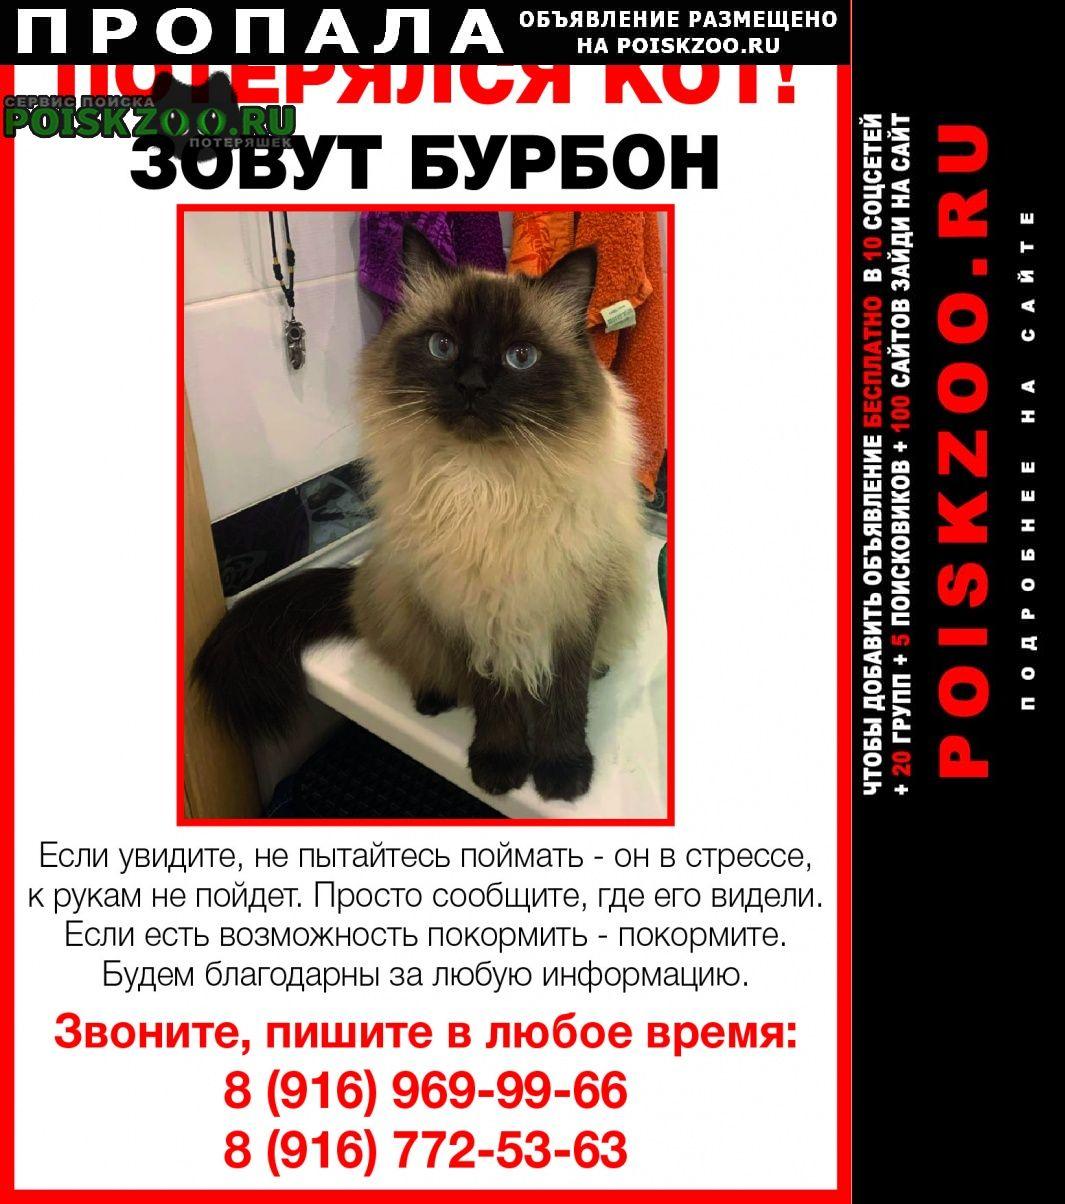 Пропал кот в деревне островцы ул подмосковна Октябрьский (Московская обл.)